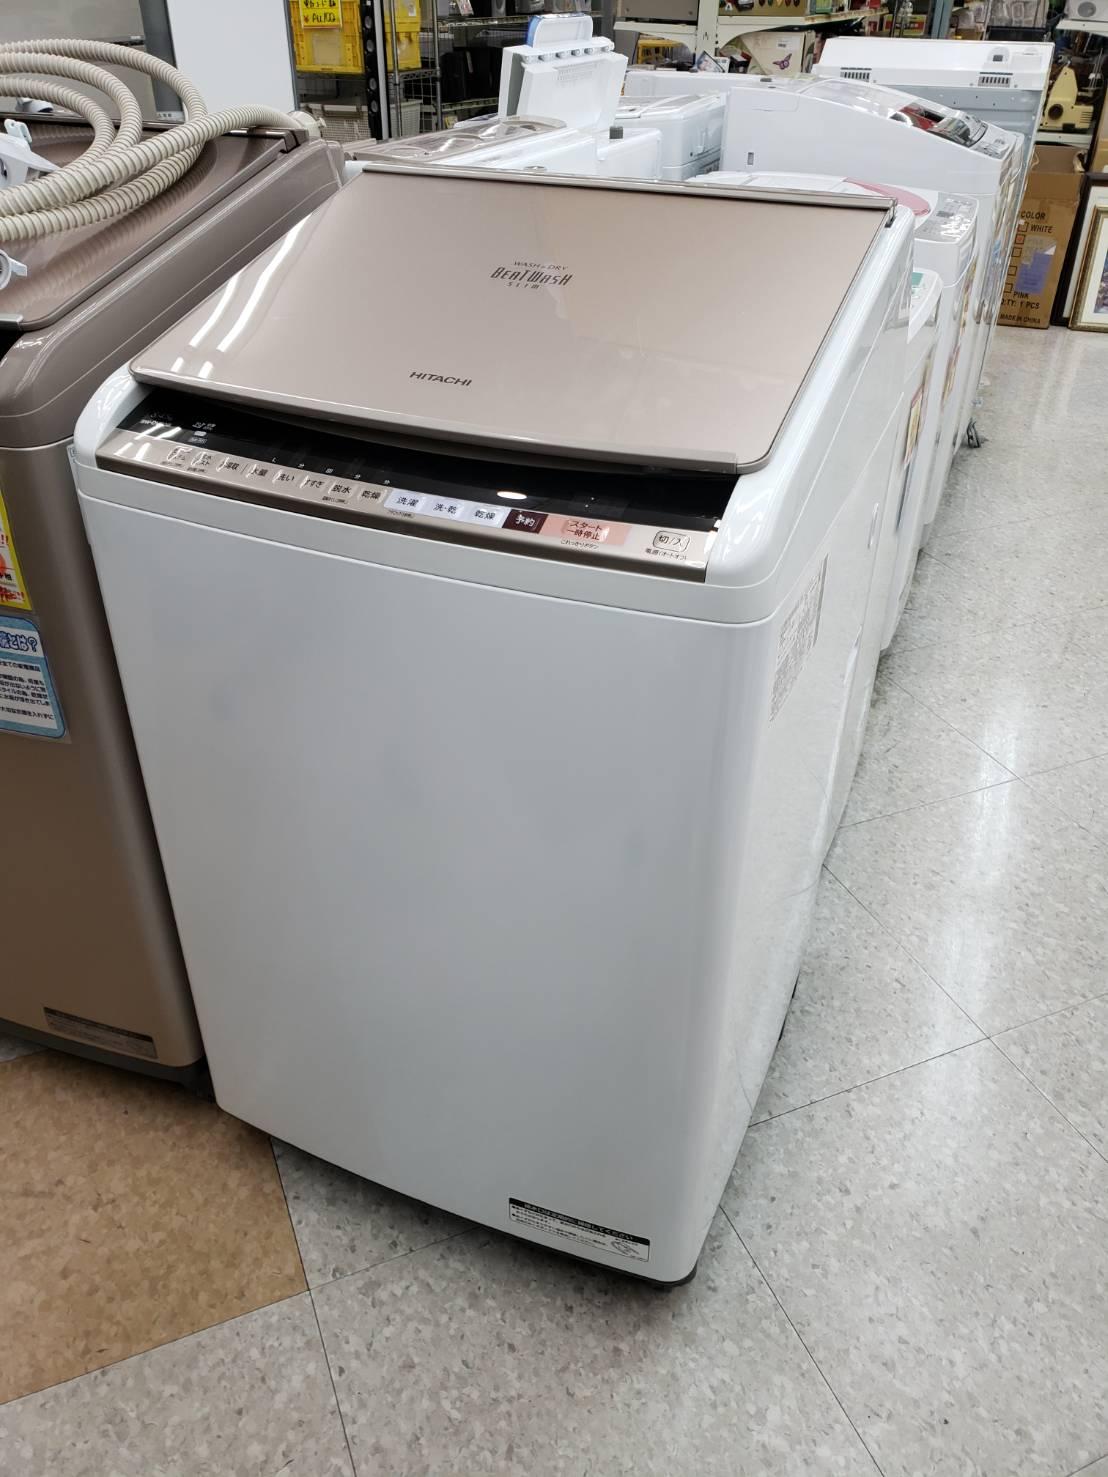 【超美品!! HITACHI 日立 8.0kg洗濯機 2017年製 BW-DV80B】を買取致しました!!の買取-